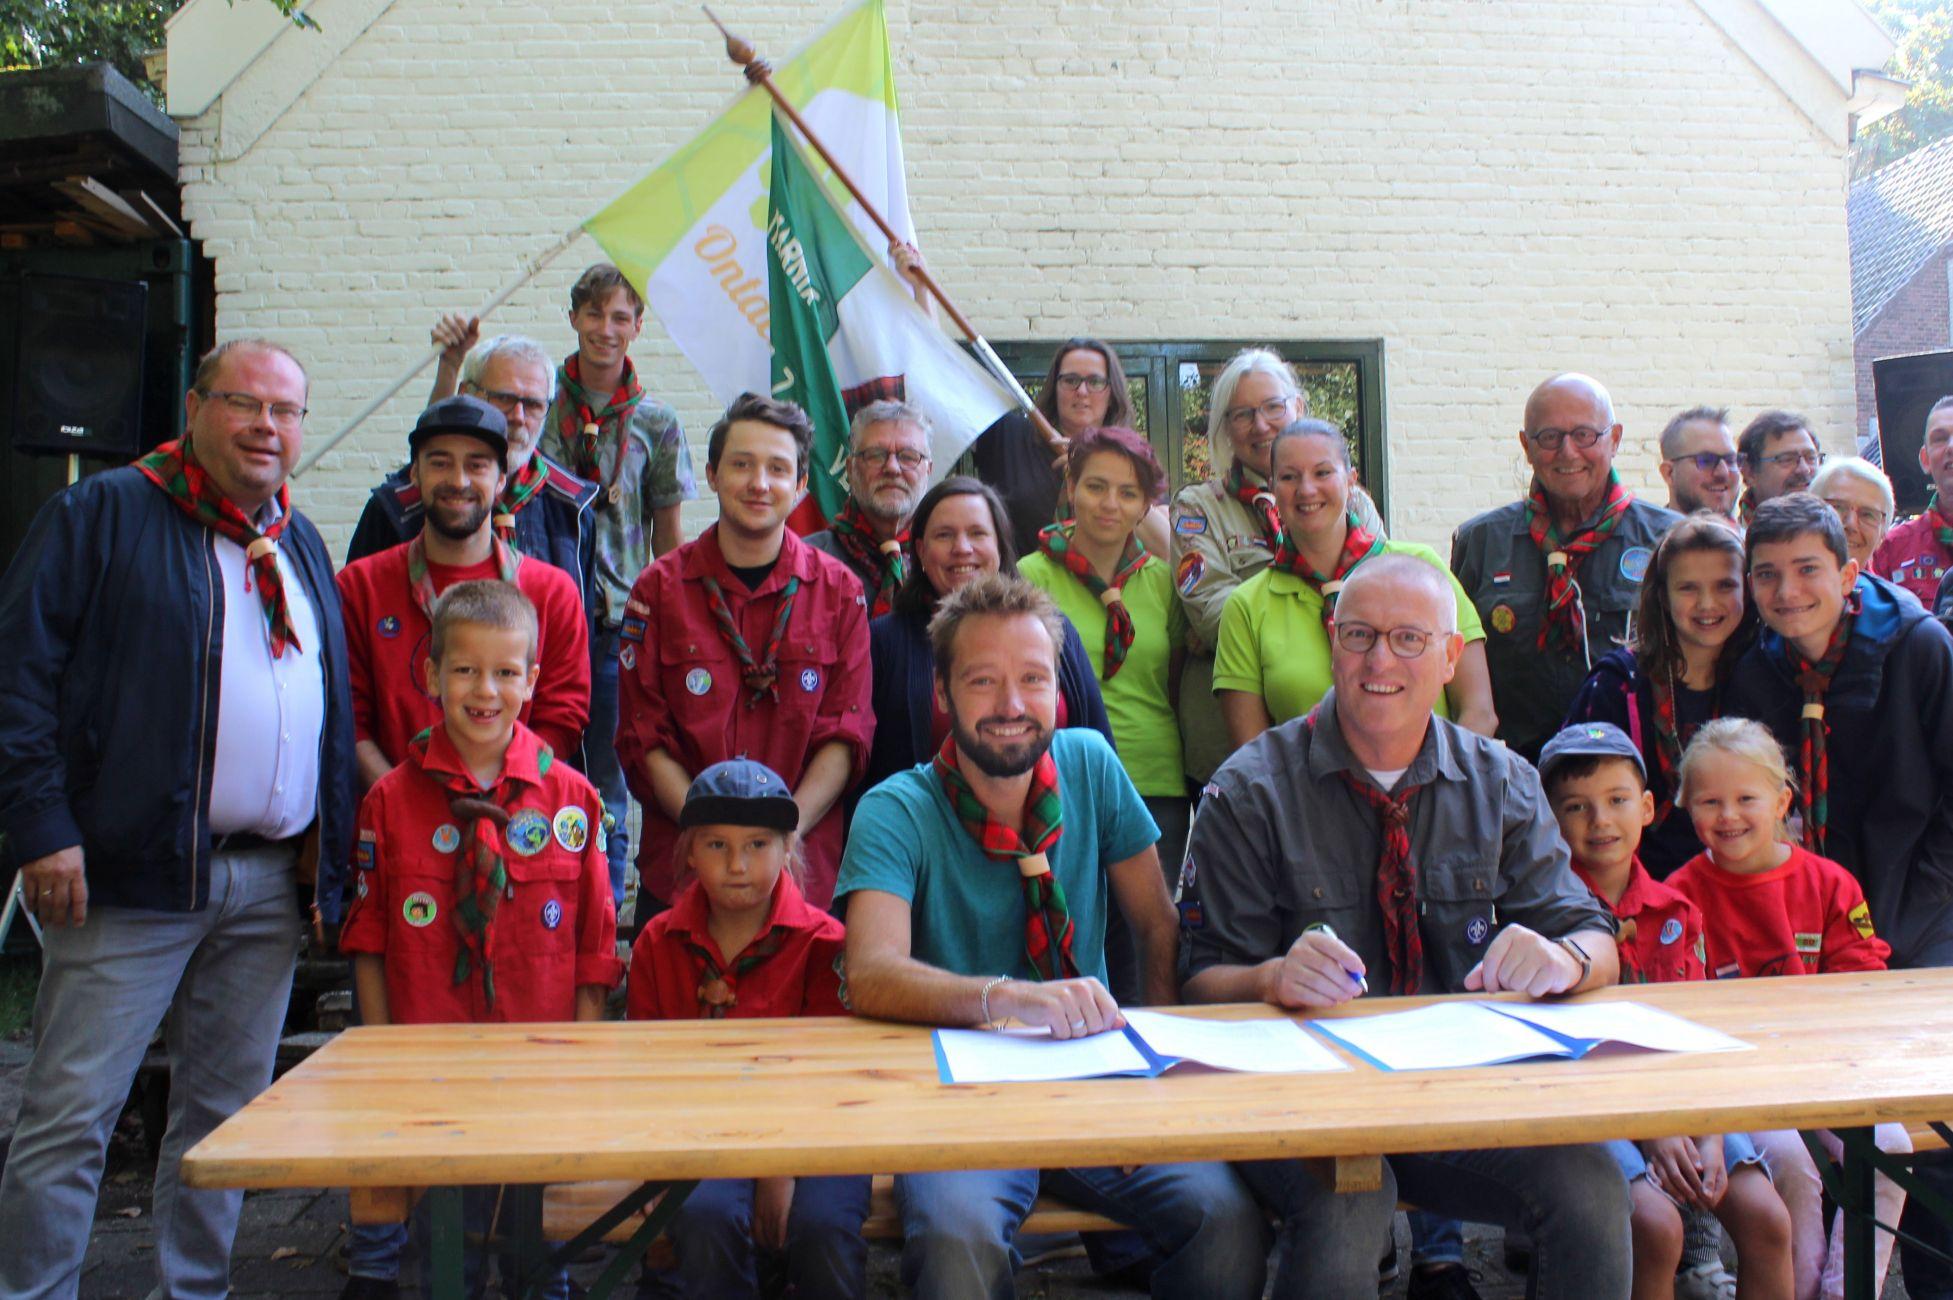 'Ja ik wil': Van Kampenschool en Scouting samen verder